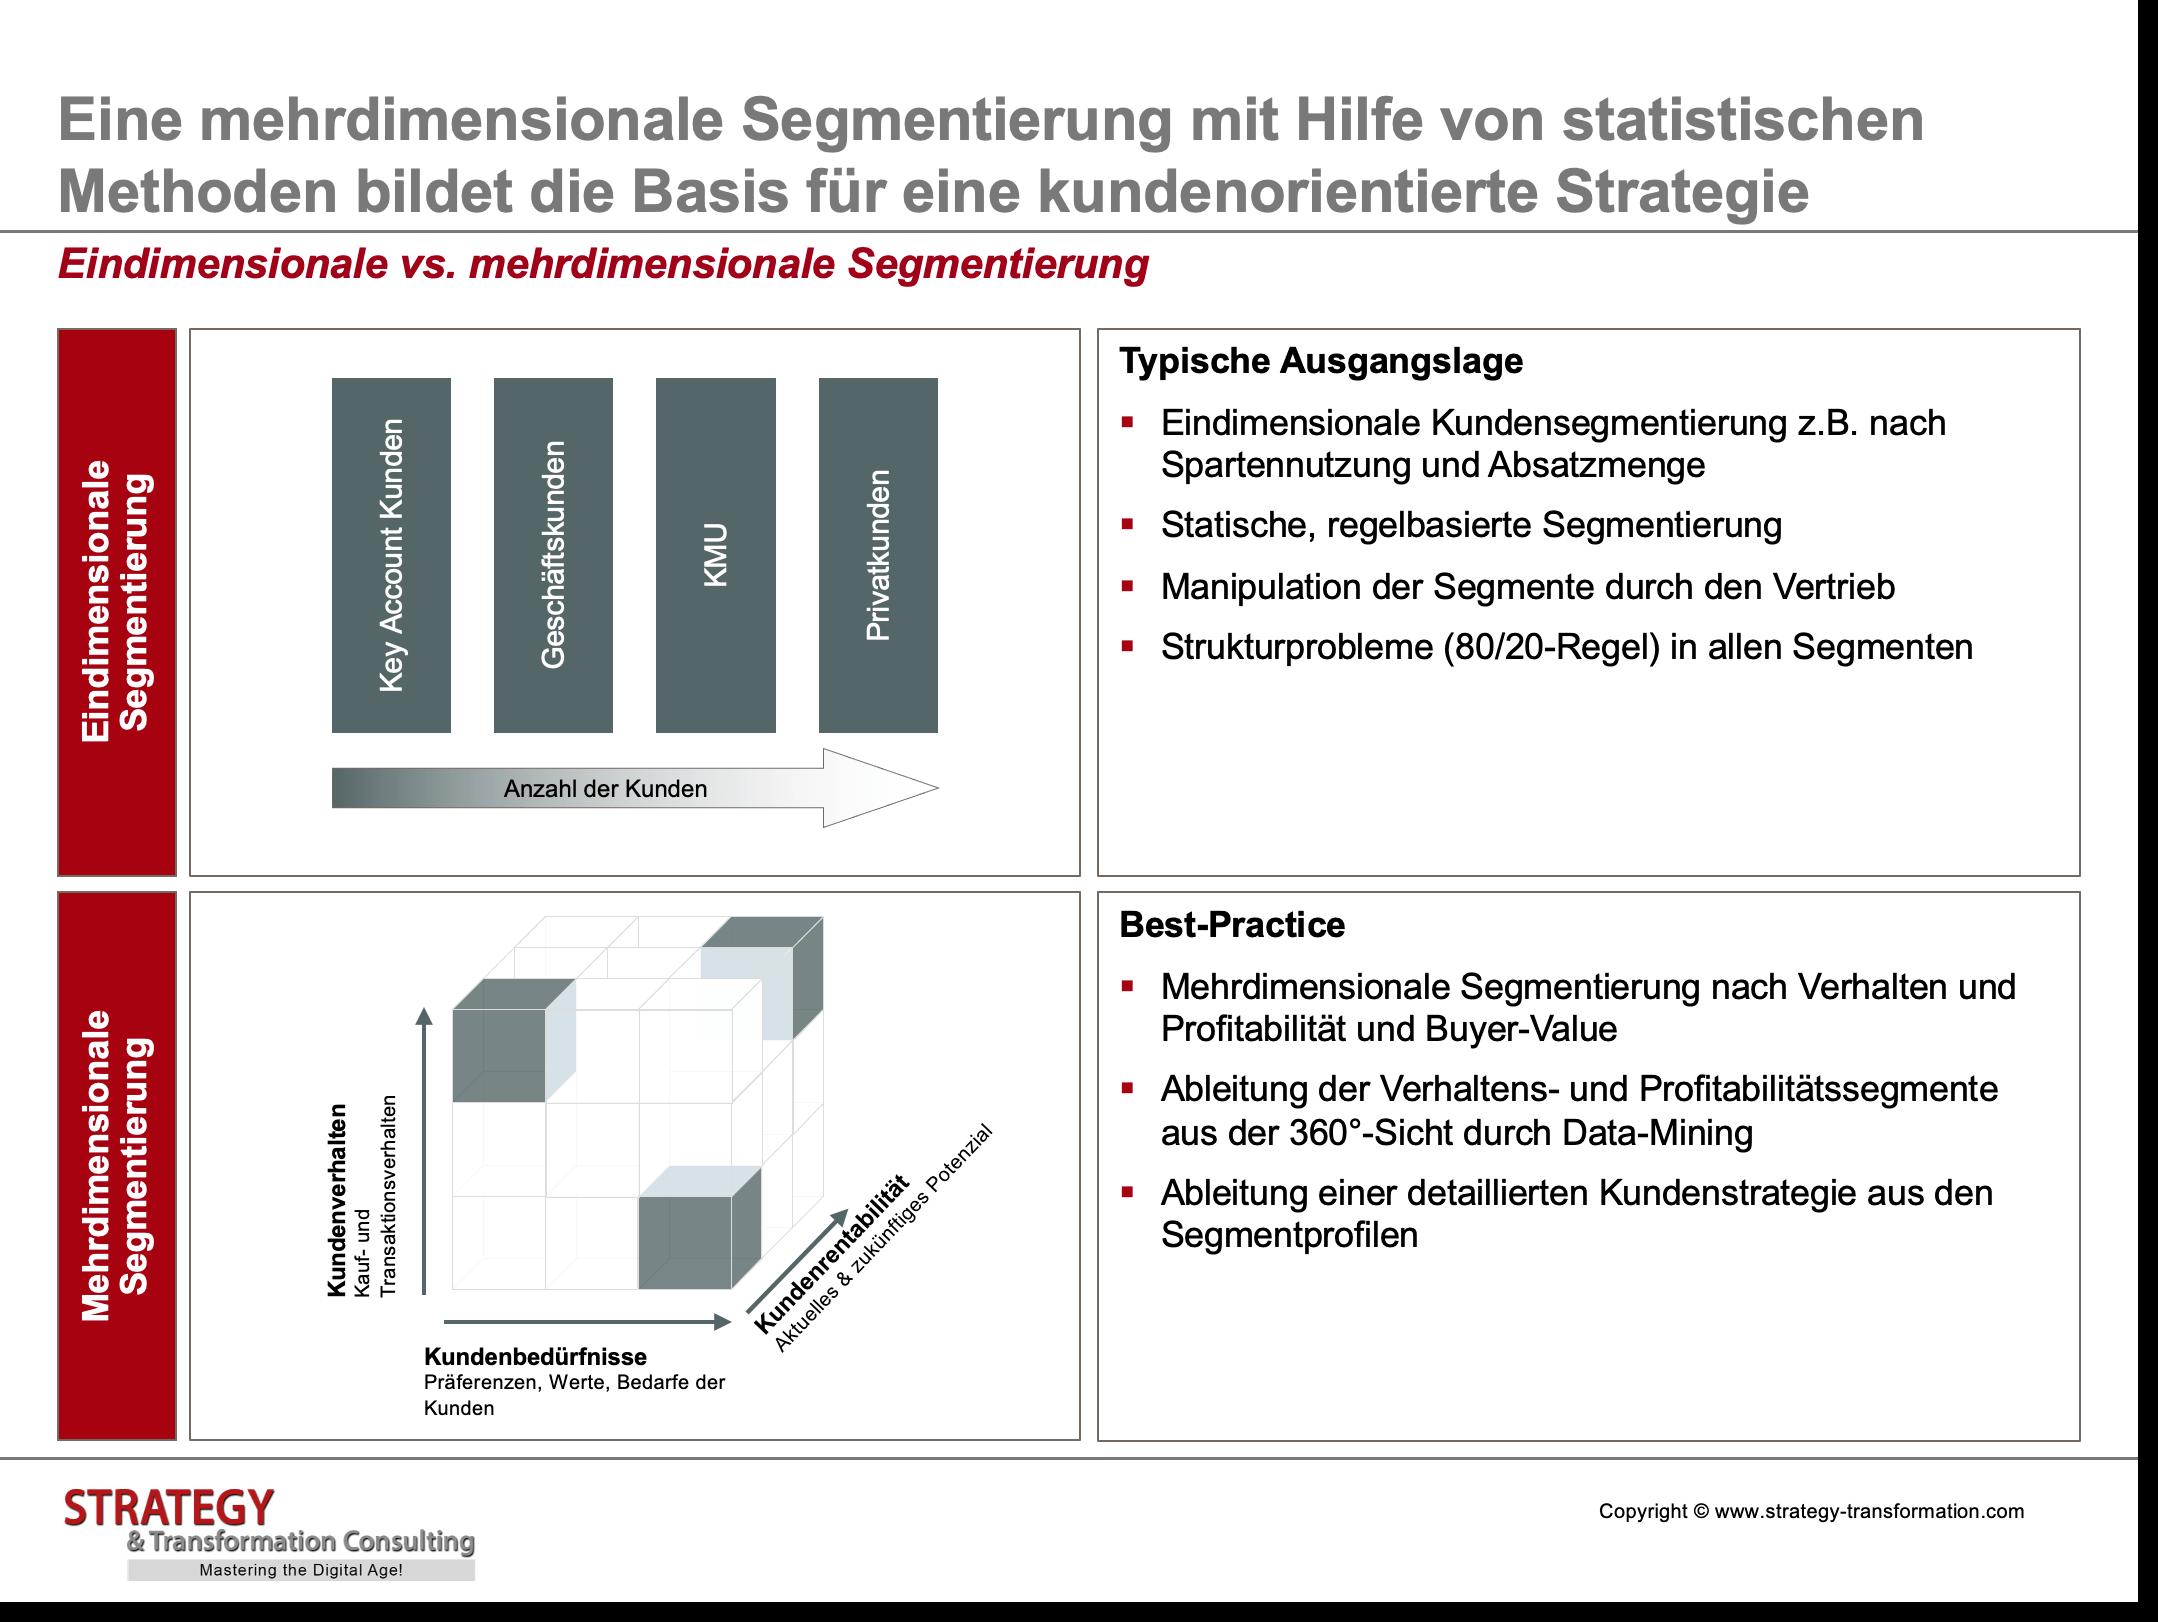 Customer Experience Management_Eindimensionale vs mehrdimensionale Segmentierung